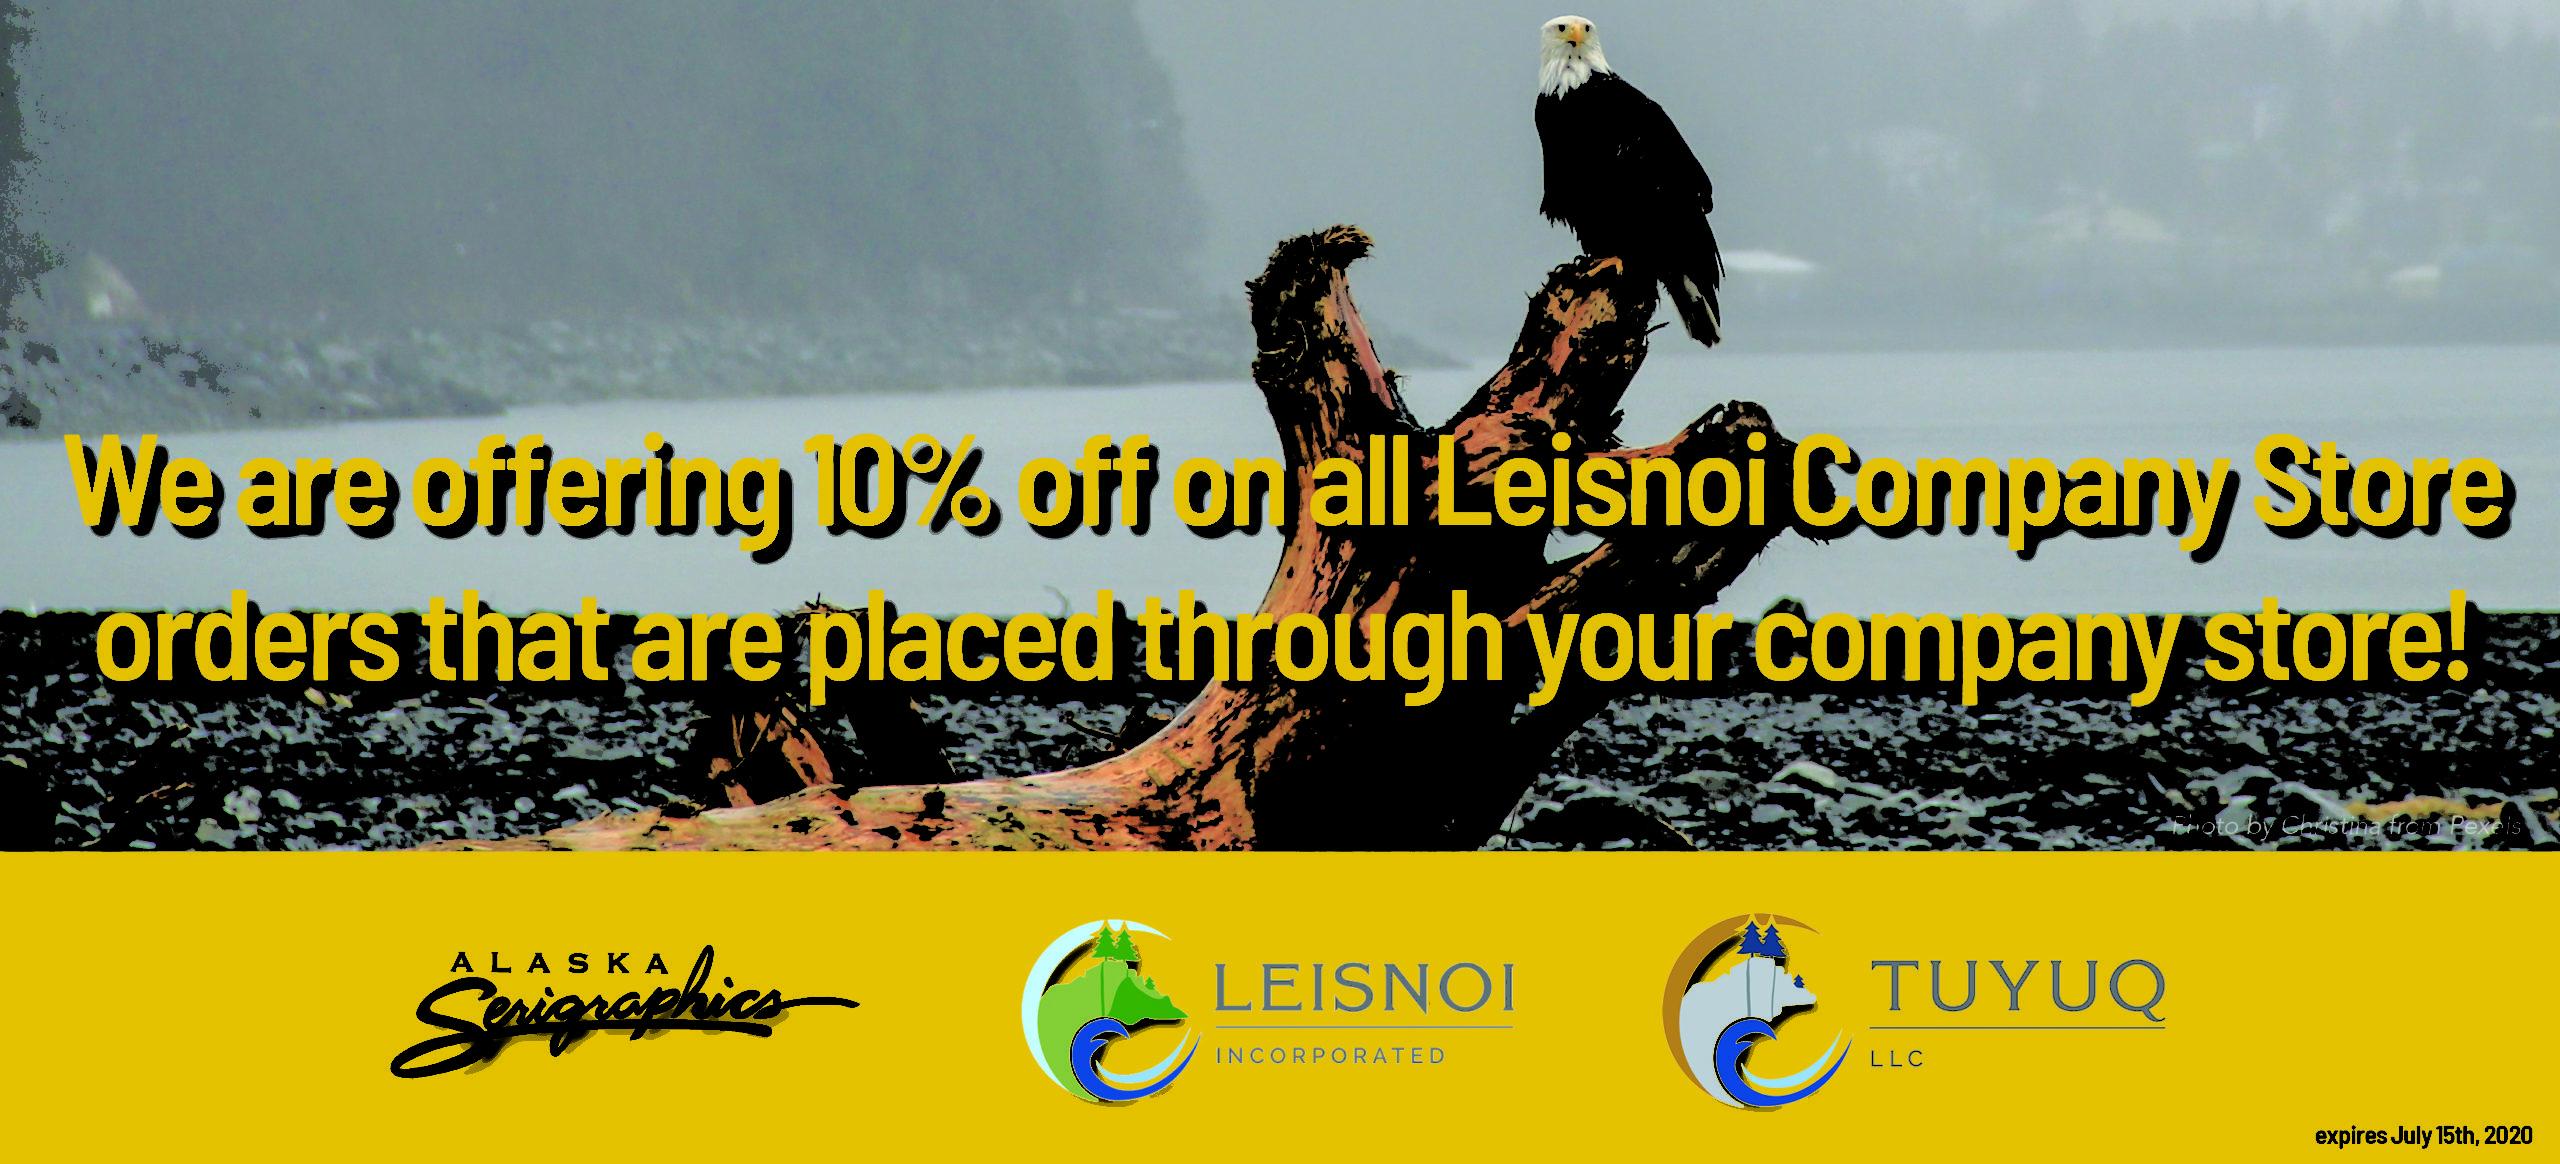 Discount on Leisnoi Apparel